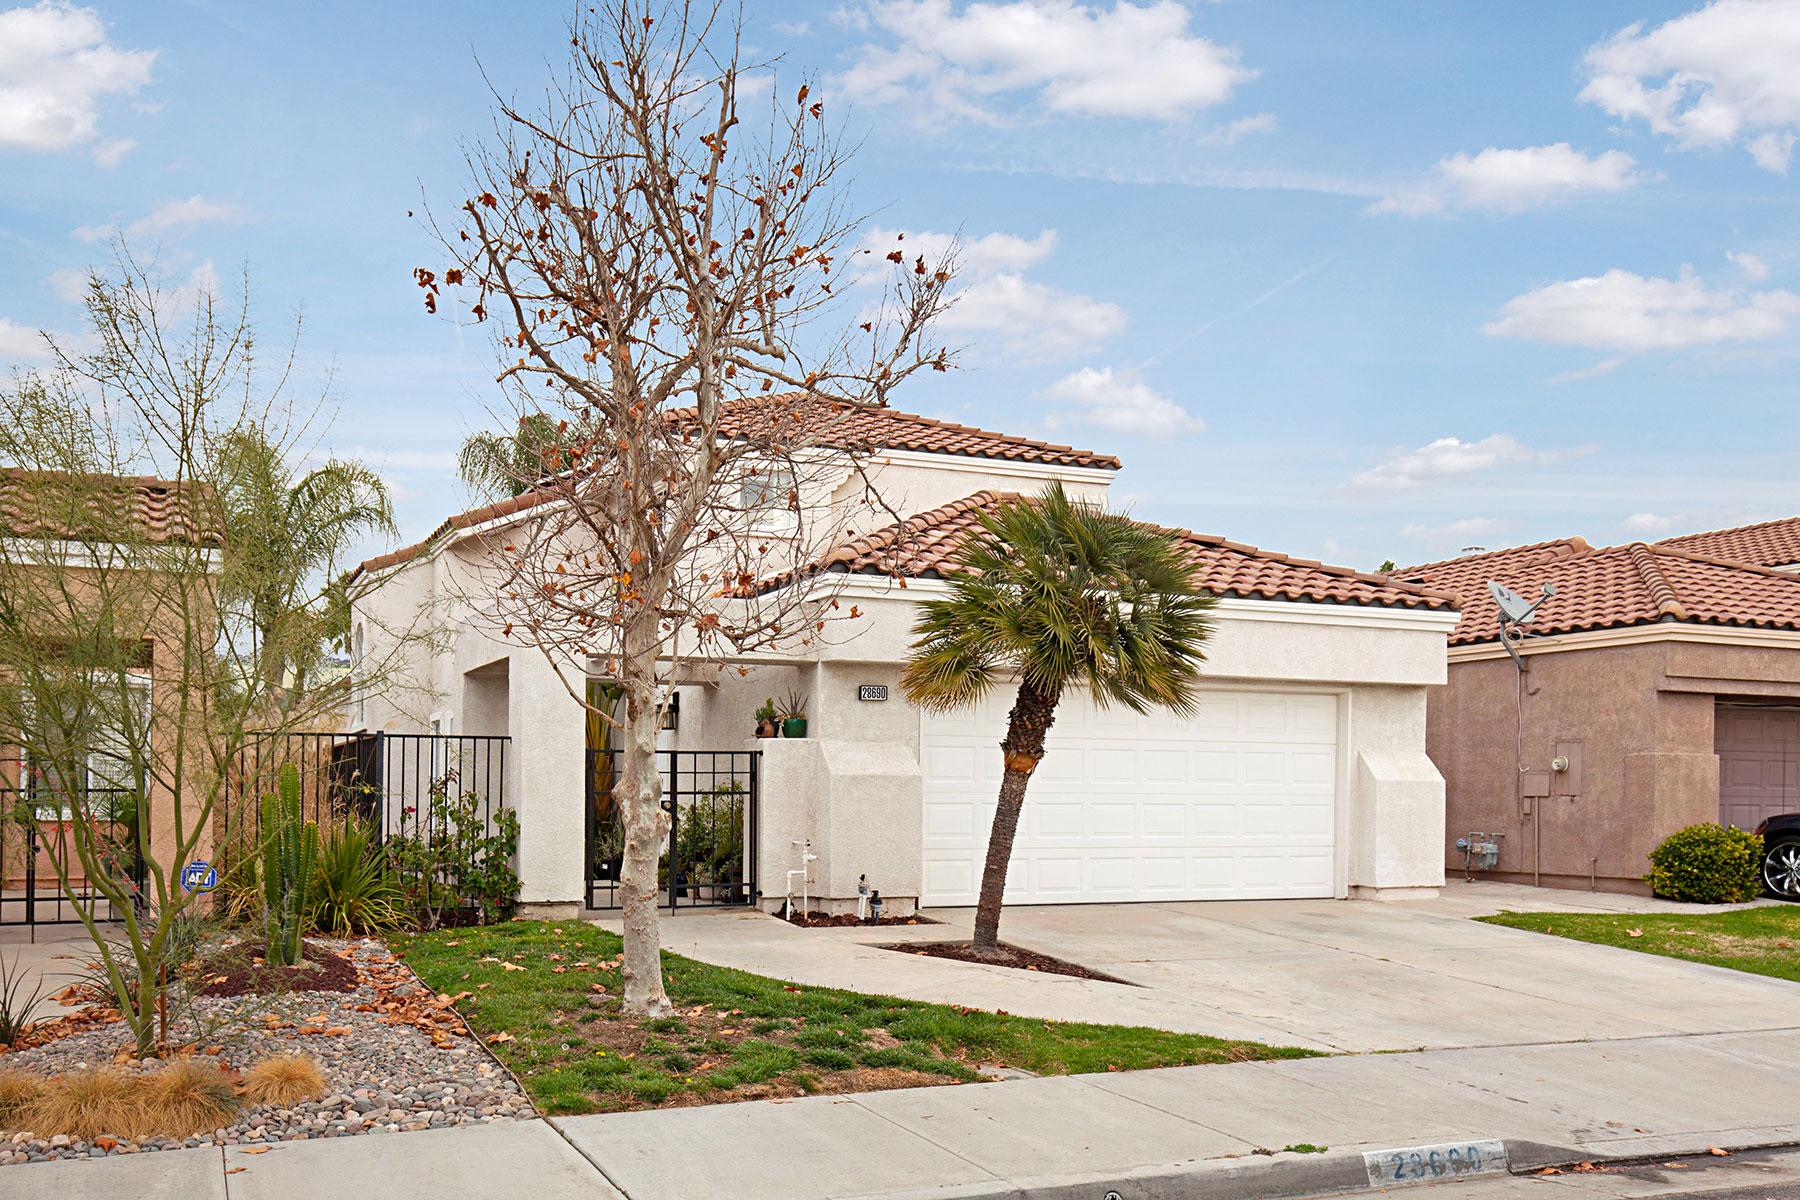 Частный односемейный дом для того Продажа на 28690 Broadstone Wy. 28690 Broadstone Way, Menifee, Калифорния, 92584 Соединенные Штаты